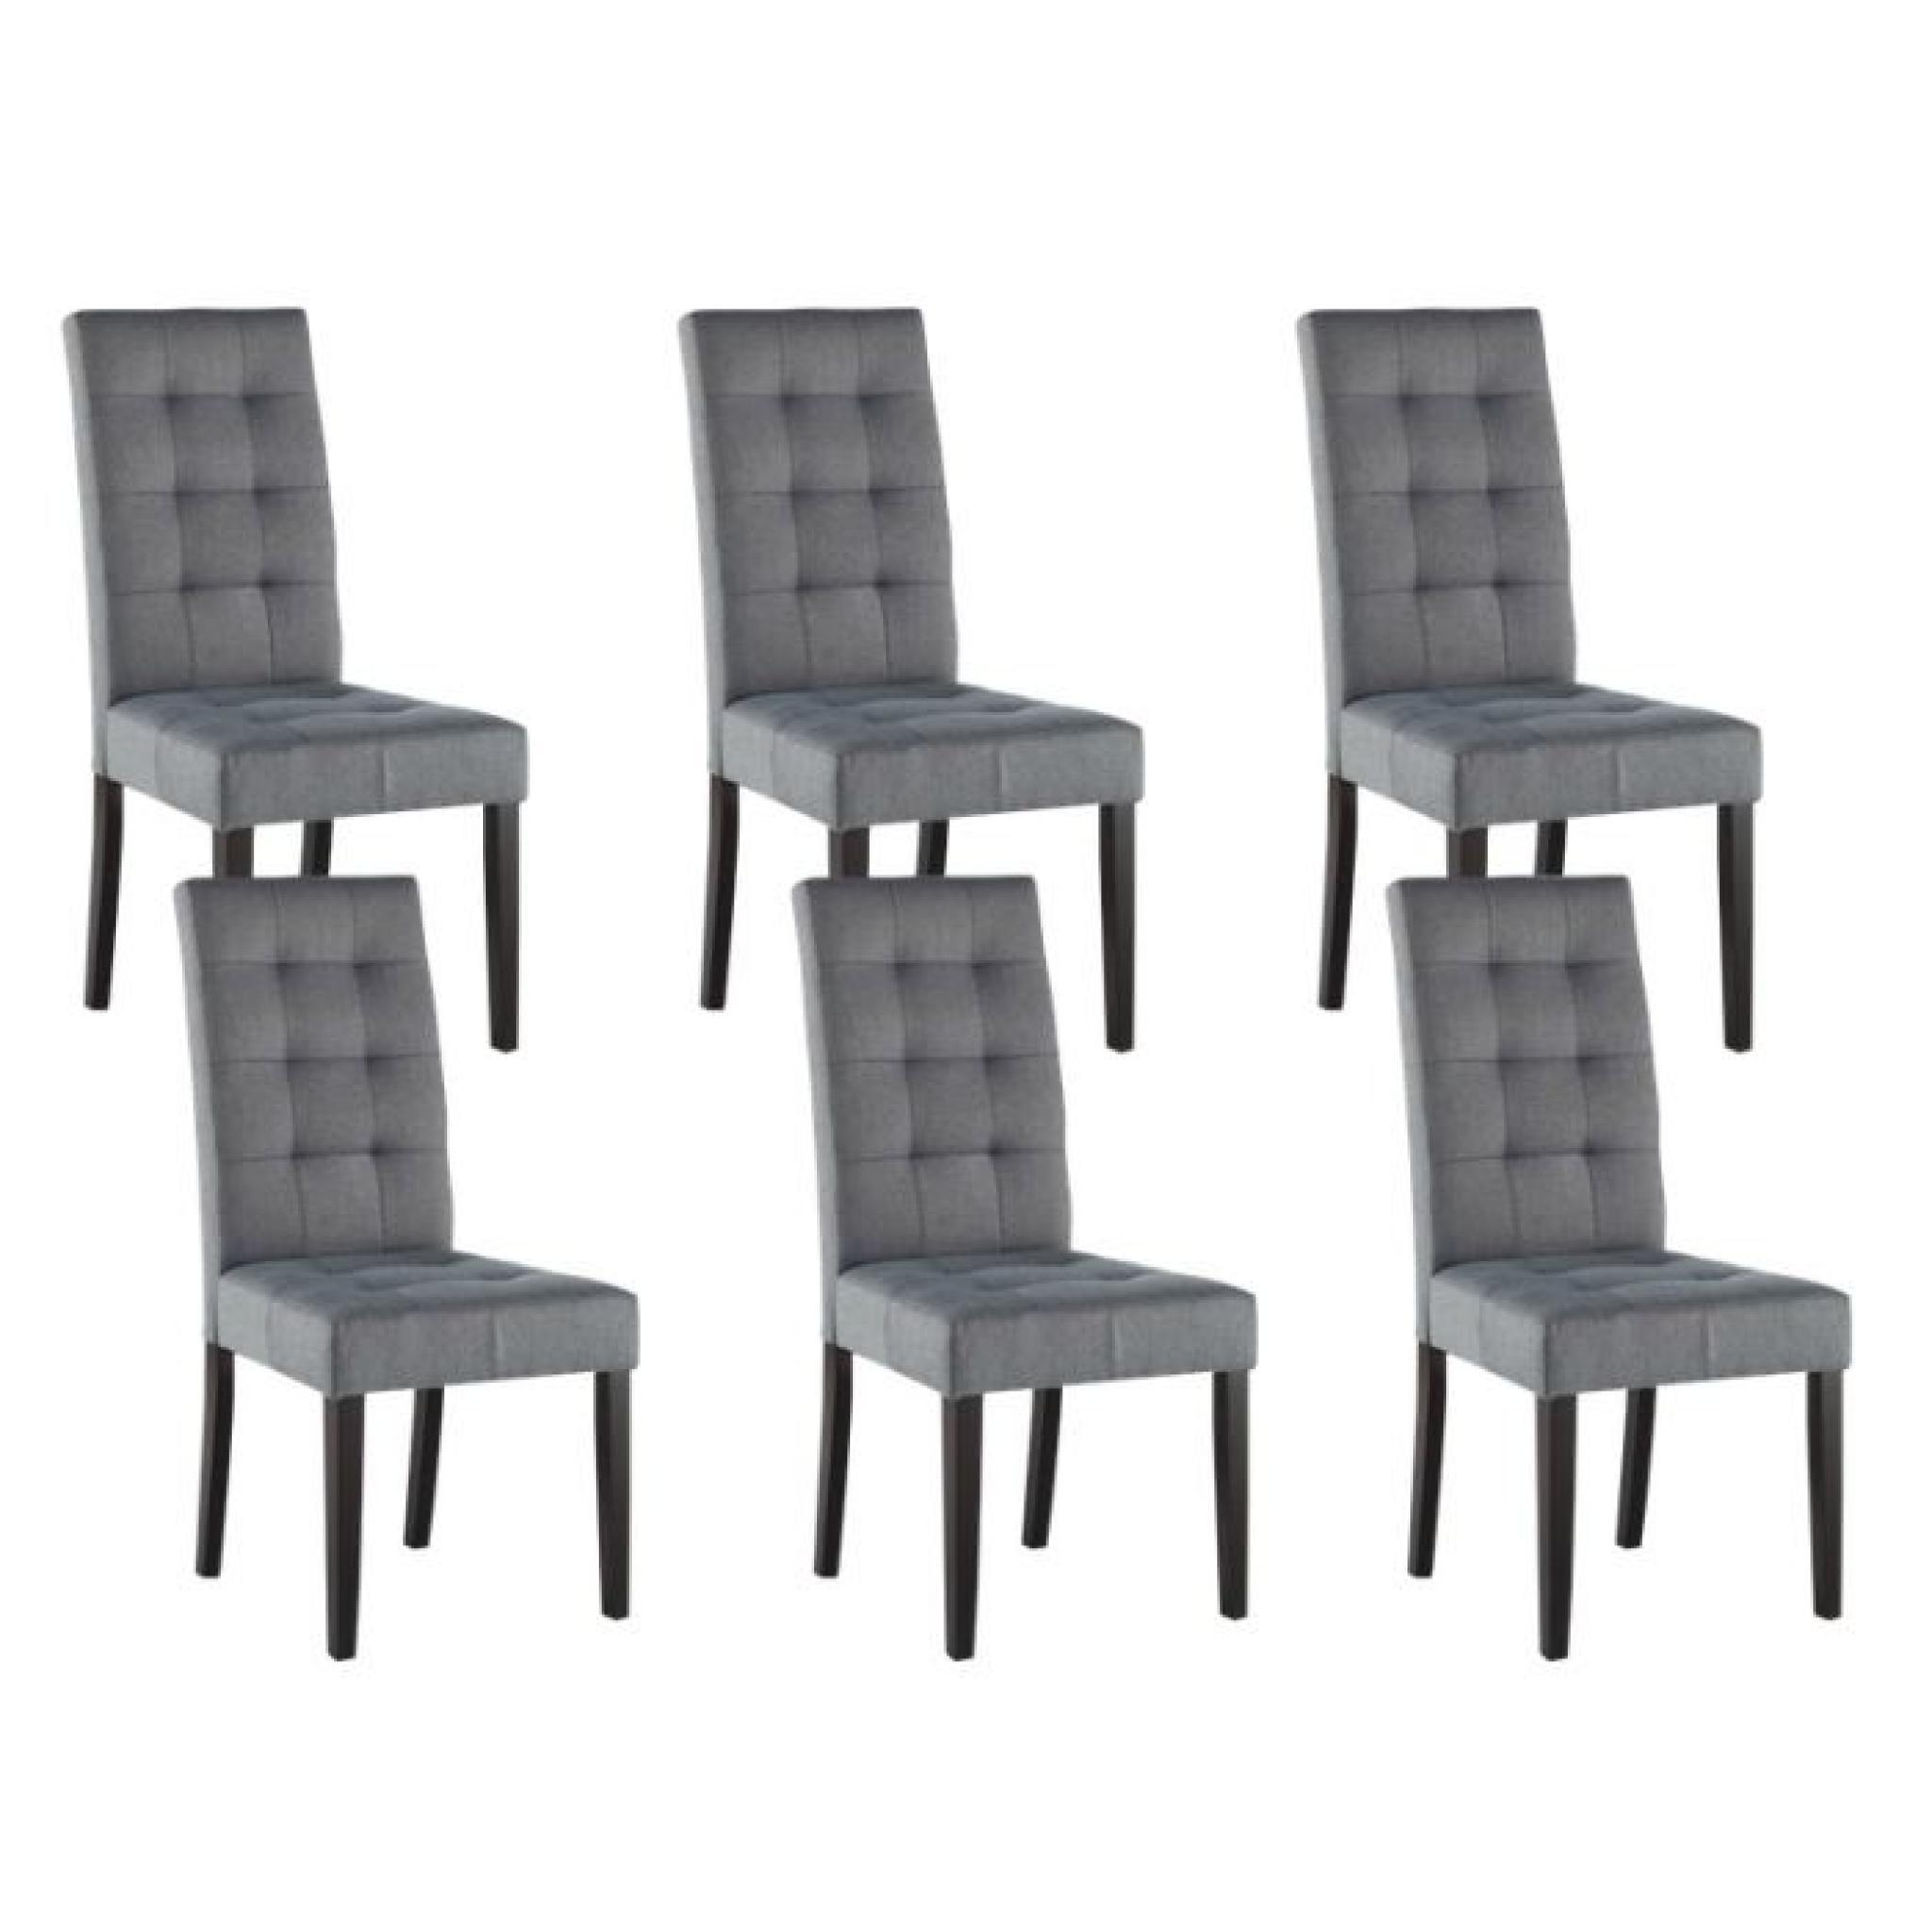 eden lot 6 chaises gris clair achat vente chaise salle a manger pas cher couleur et design fr